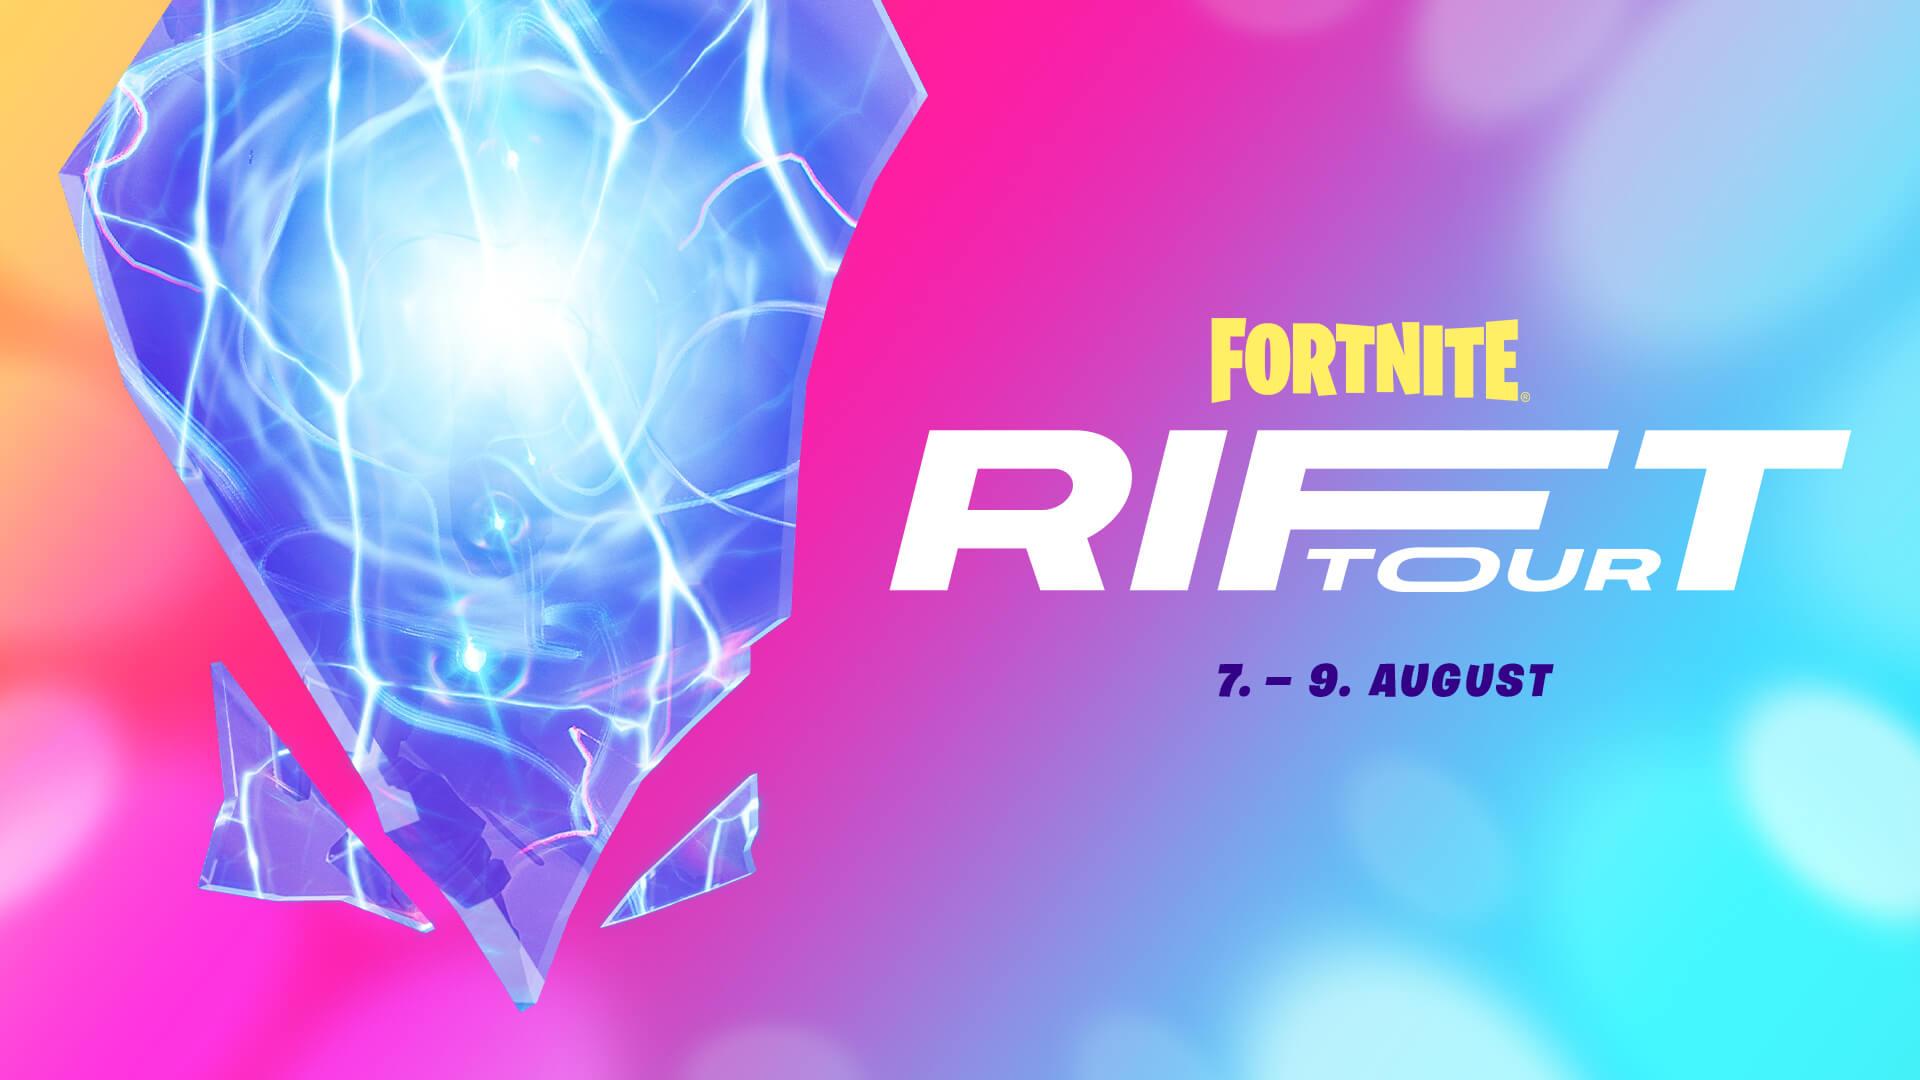 DE 17BR RiftTour Announce 02 Social